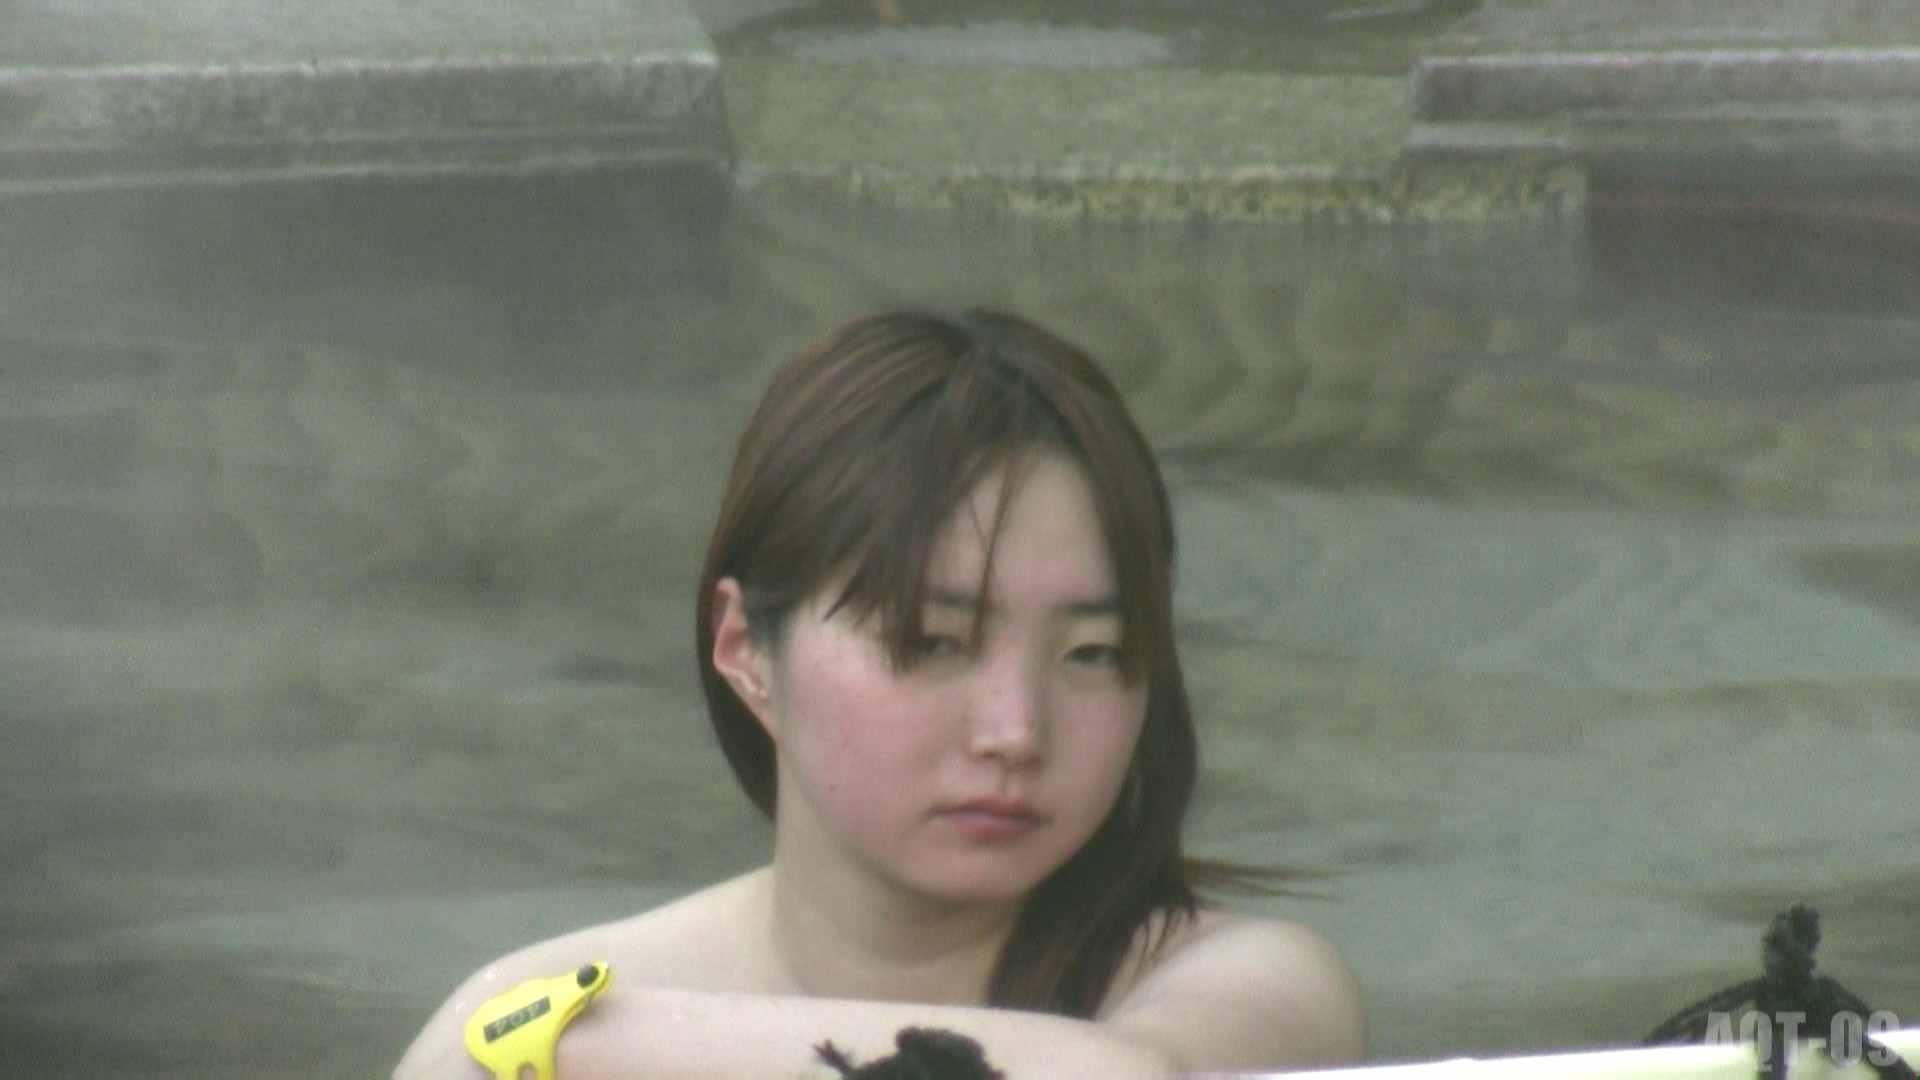 Aquaな露天風呂Vol.781 盗撮  110画像 96